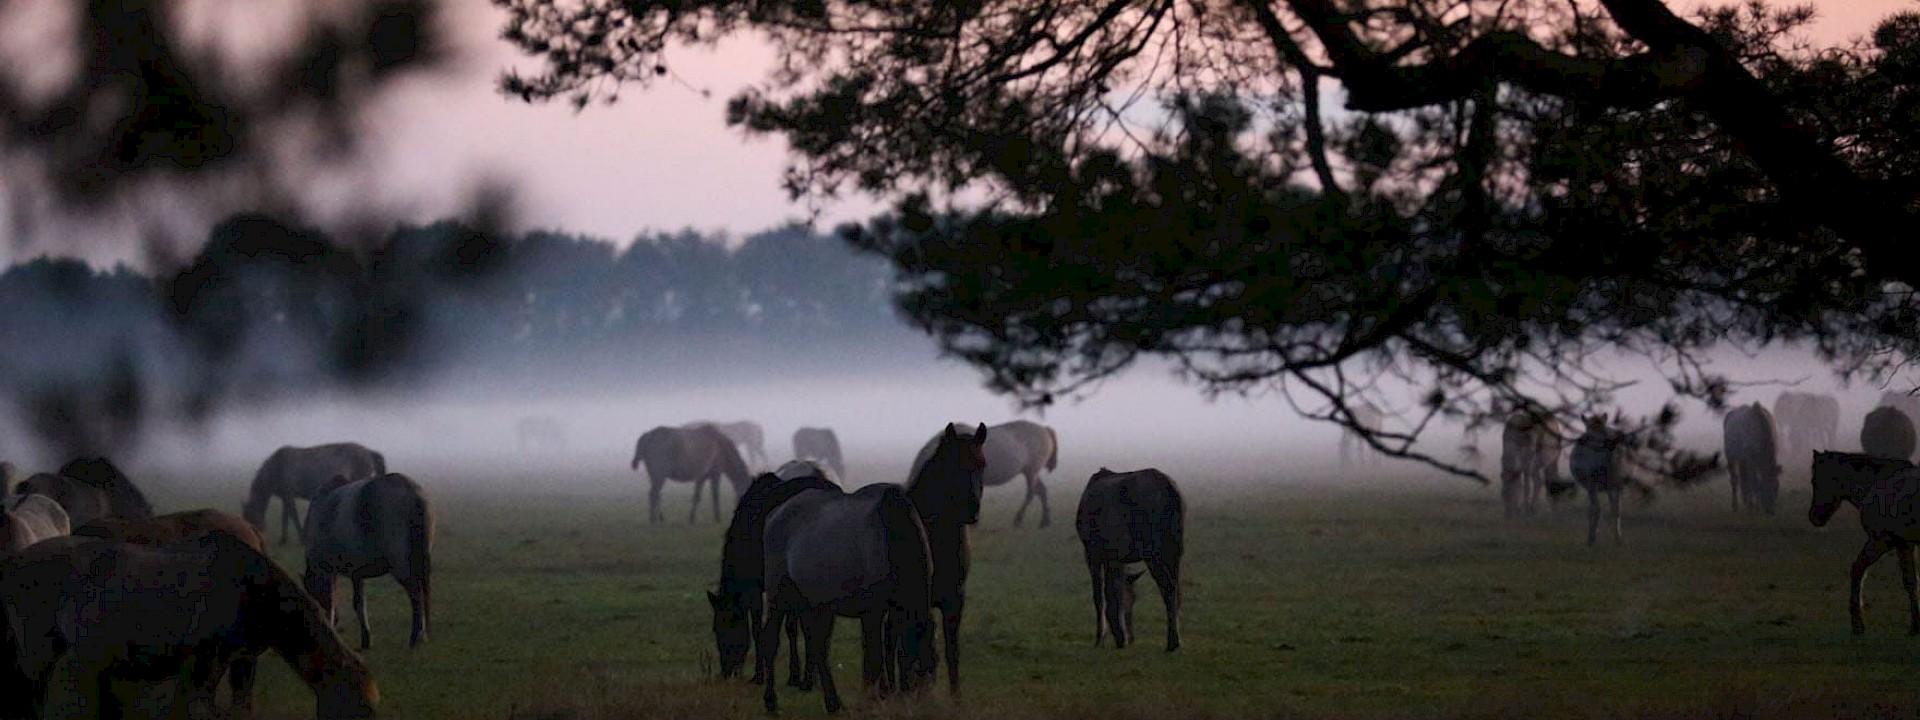 Wir zeigen Ihnen die Schönheit der Pferderegion Münsterland